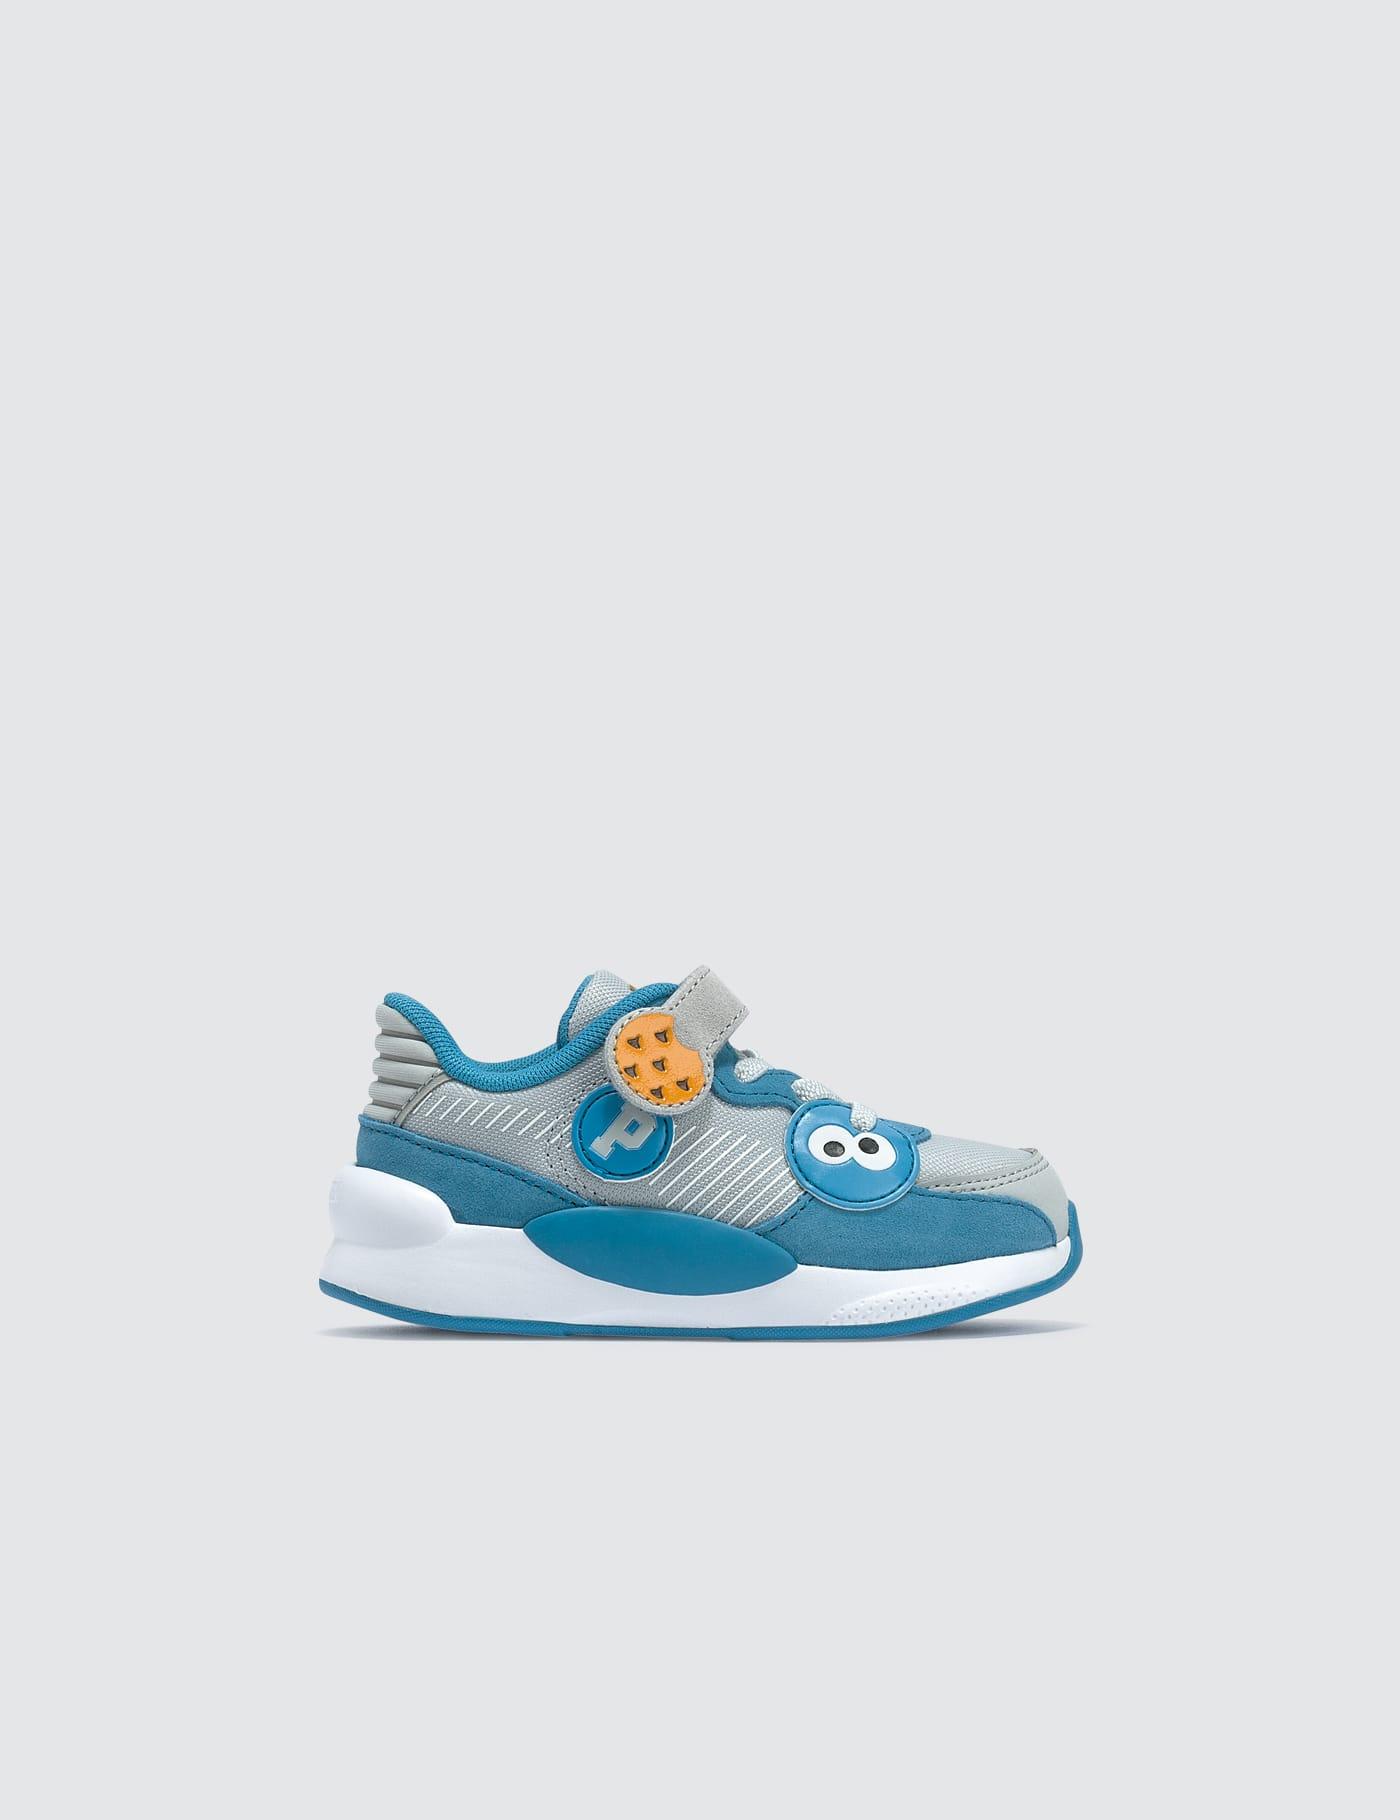 Puma x Sesame Street 50 RS 9.8 (Infants